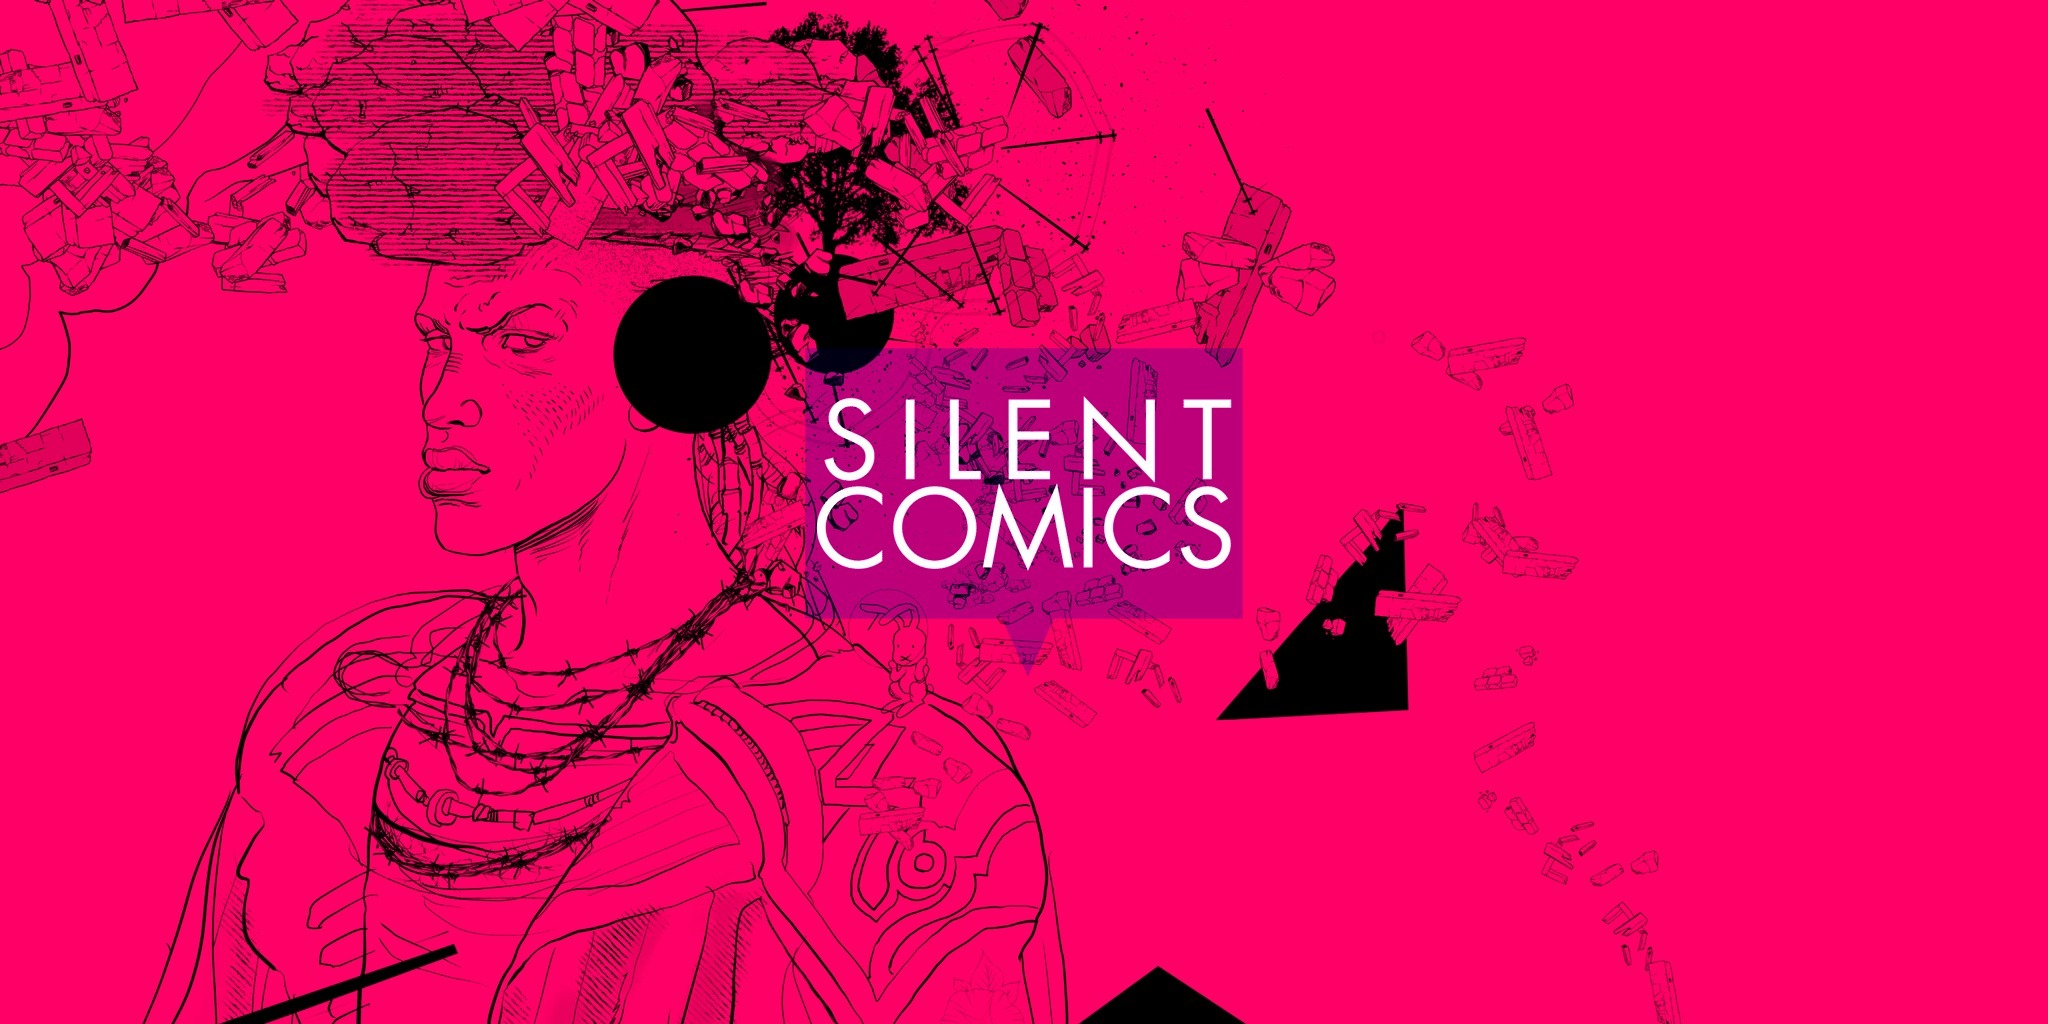 静かな漫画 (@silent-comics) Cover Image